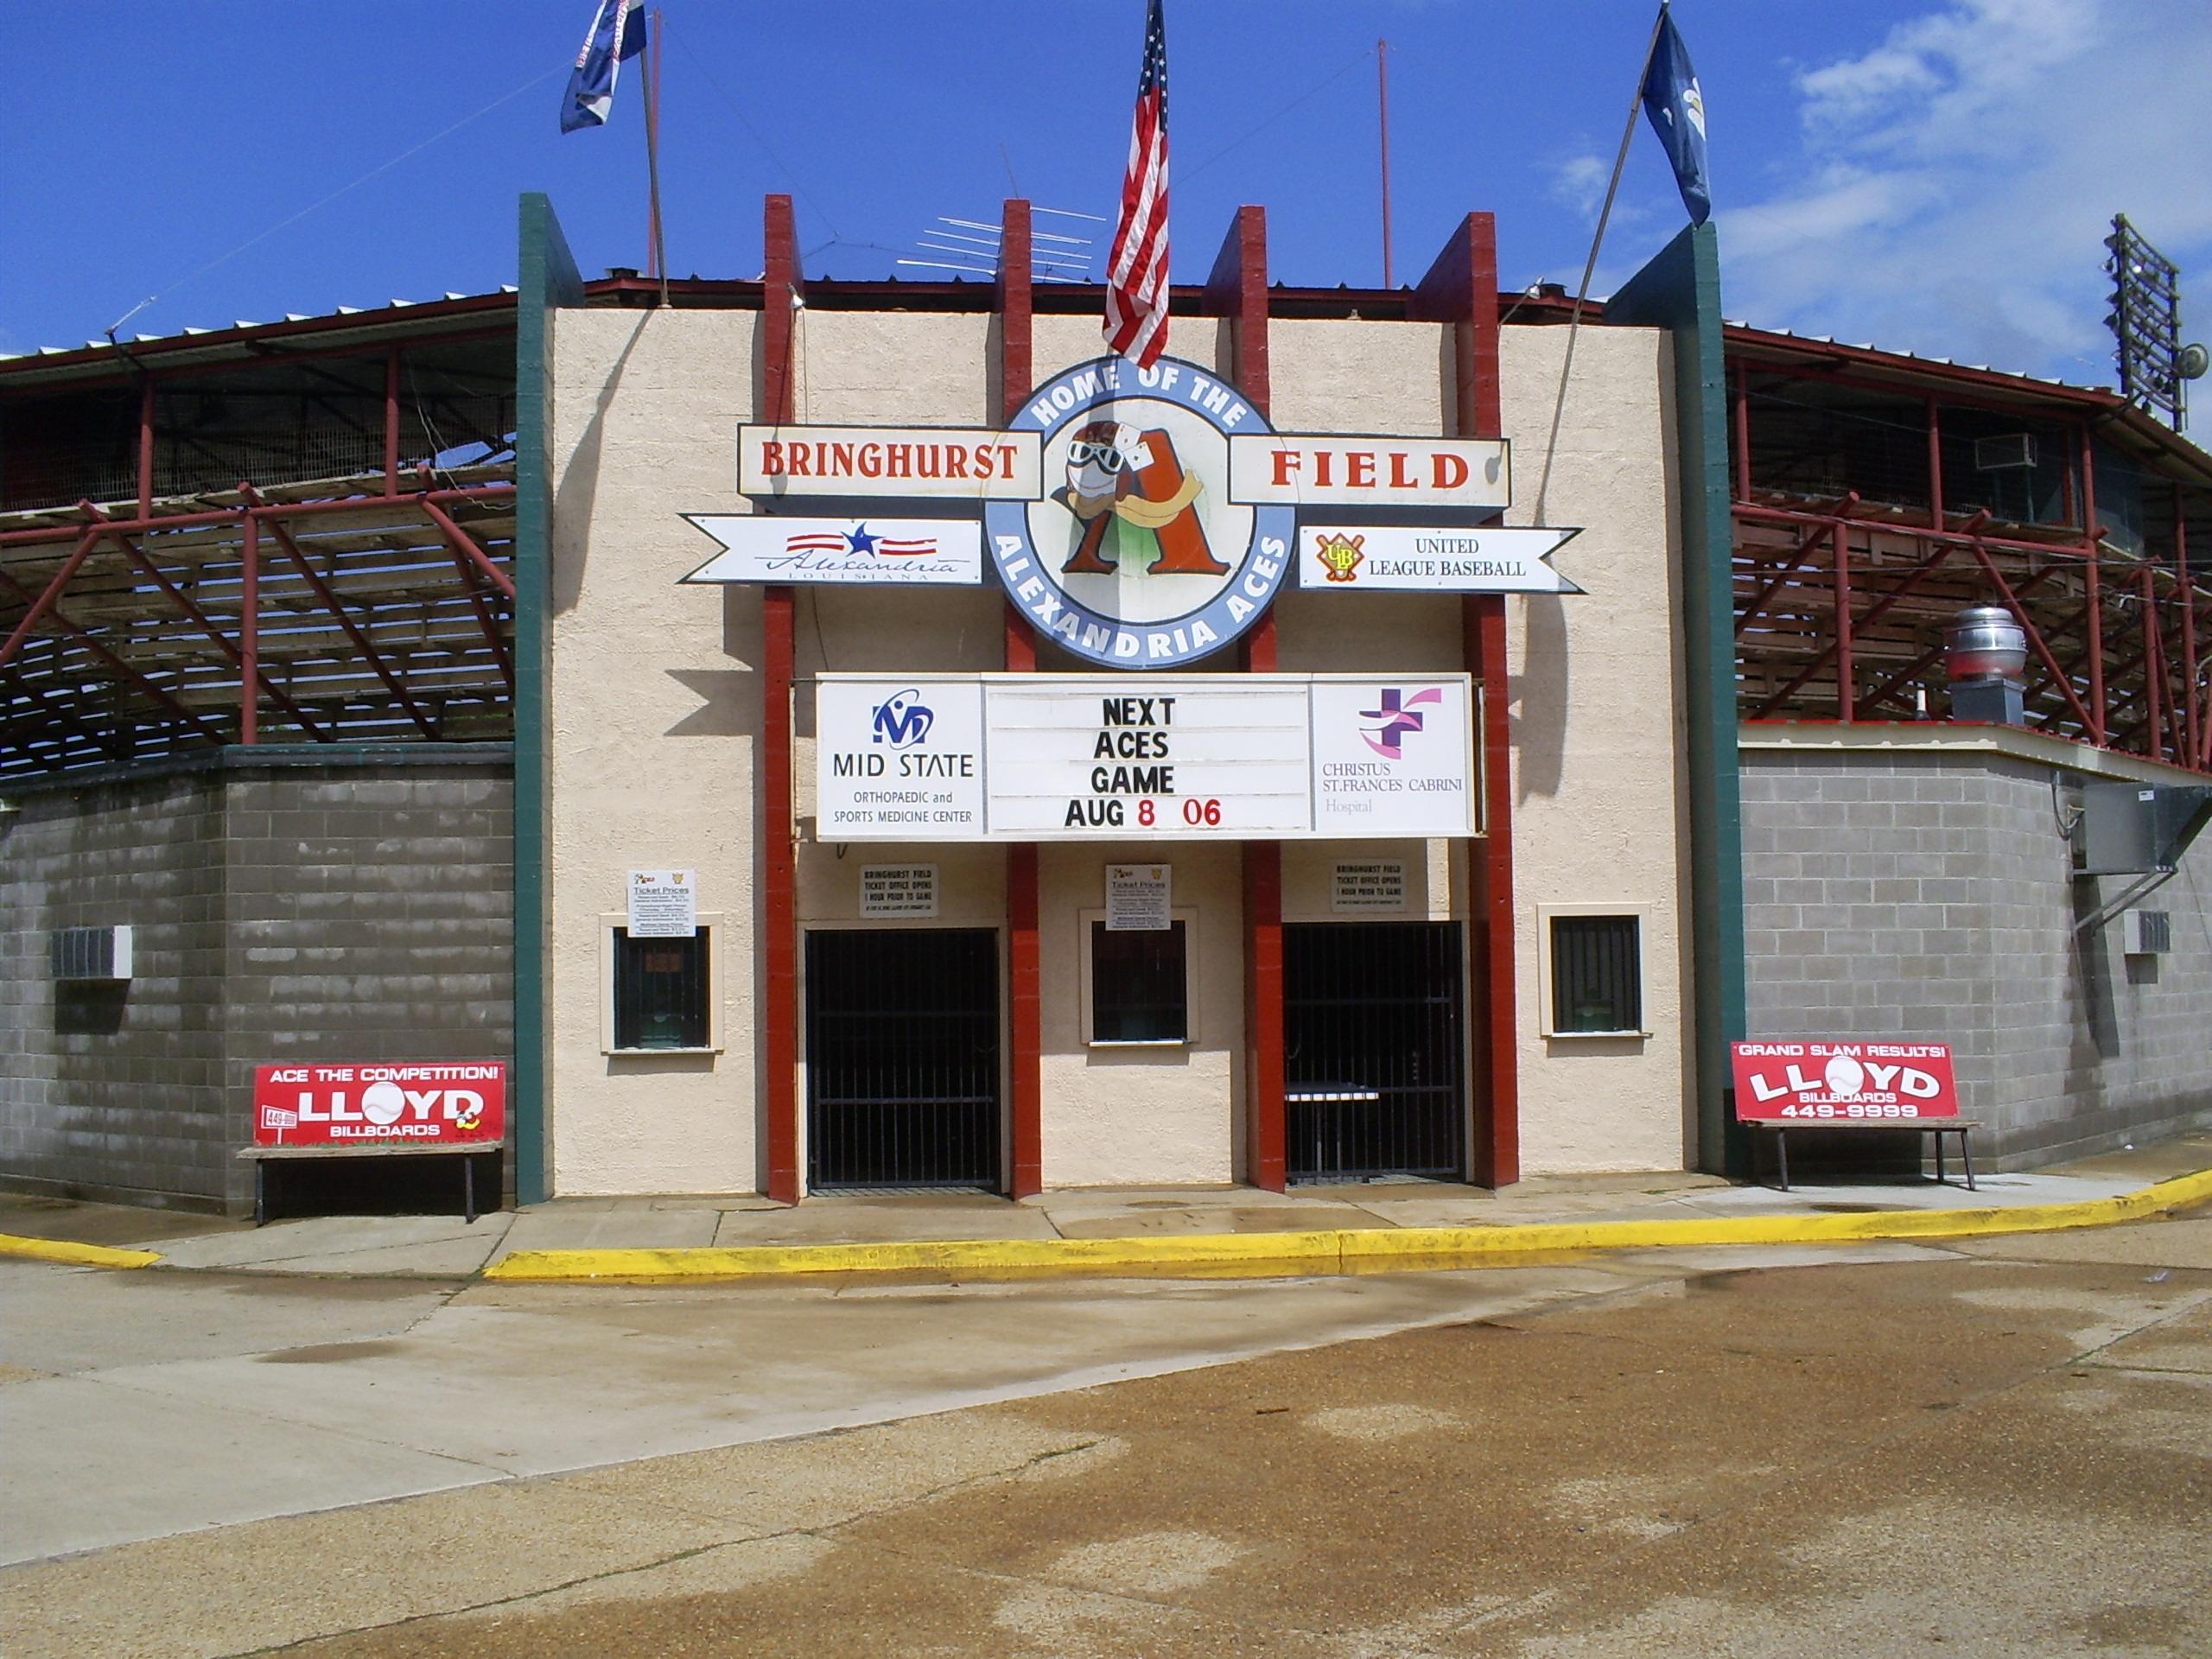 Bringhurst Stadium